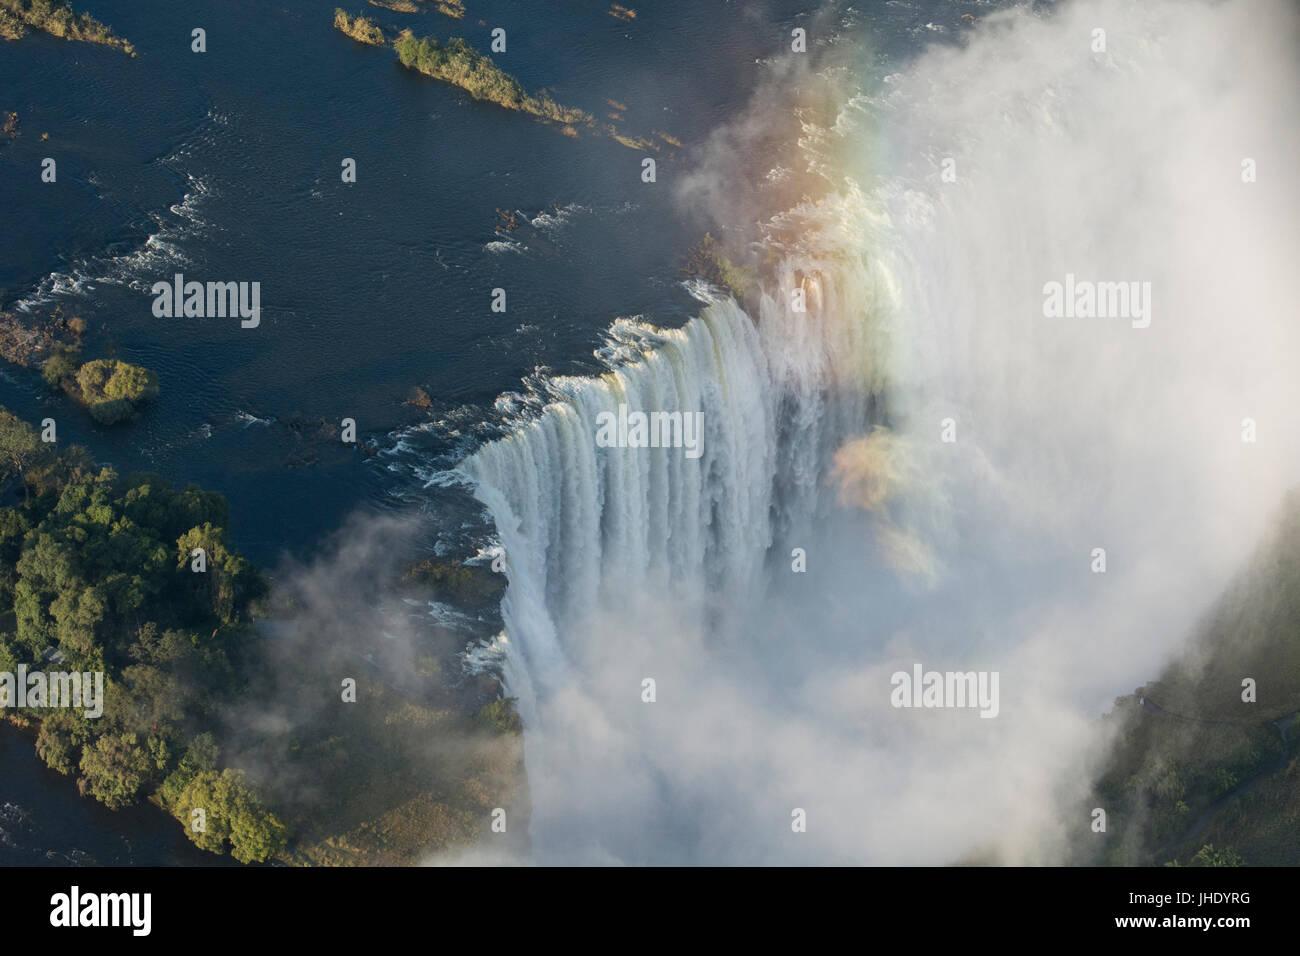 África del Sur, en la frontera entre Zambia y Zimbabwe. Livingston, Zambia y Victoria Falls, Zimbabwe. Vista Imagen De Stock